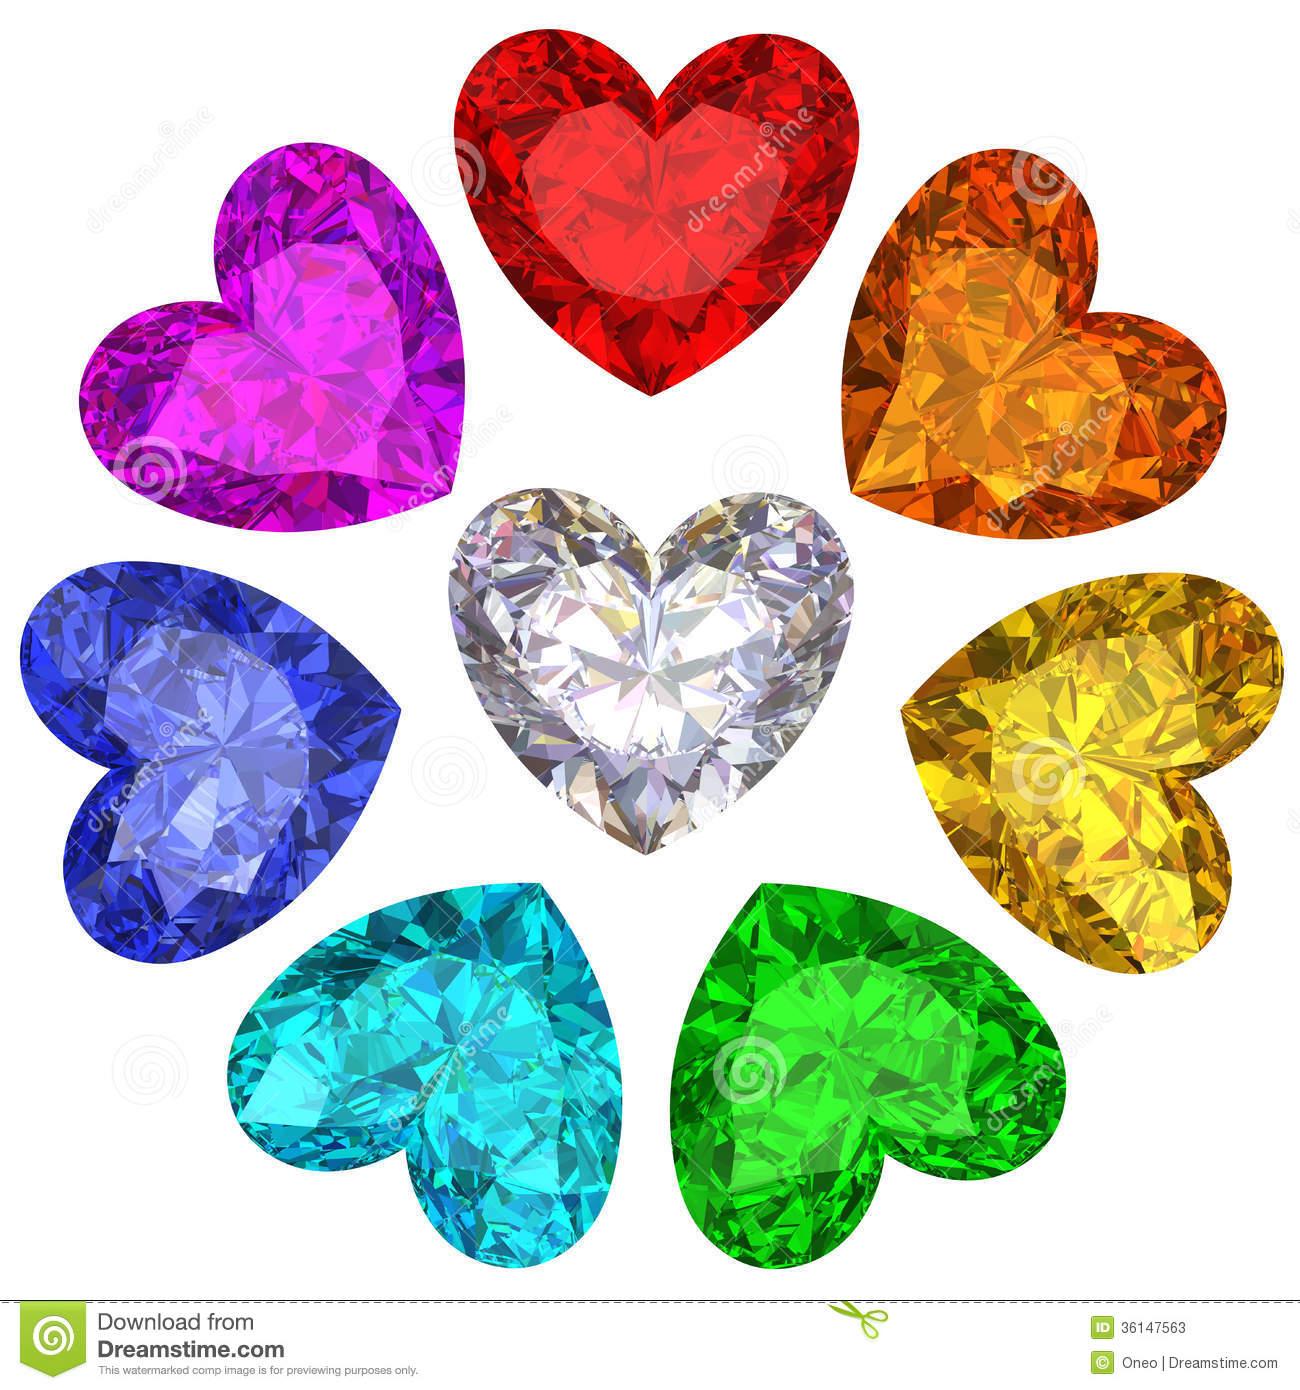 Gems clipart heart Gems 18> Images gems Art